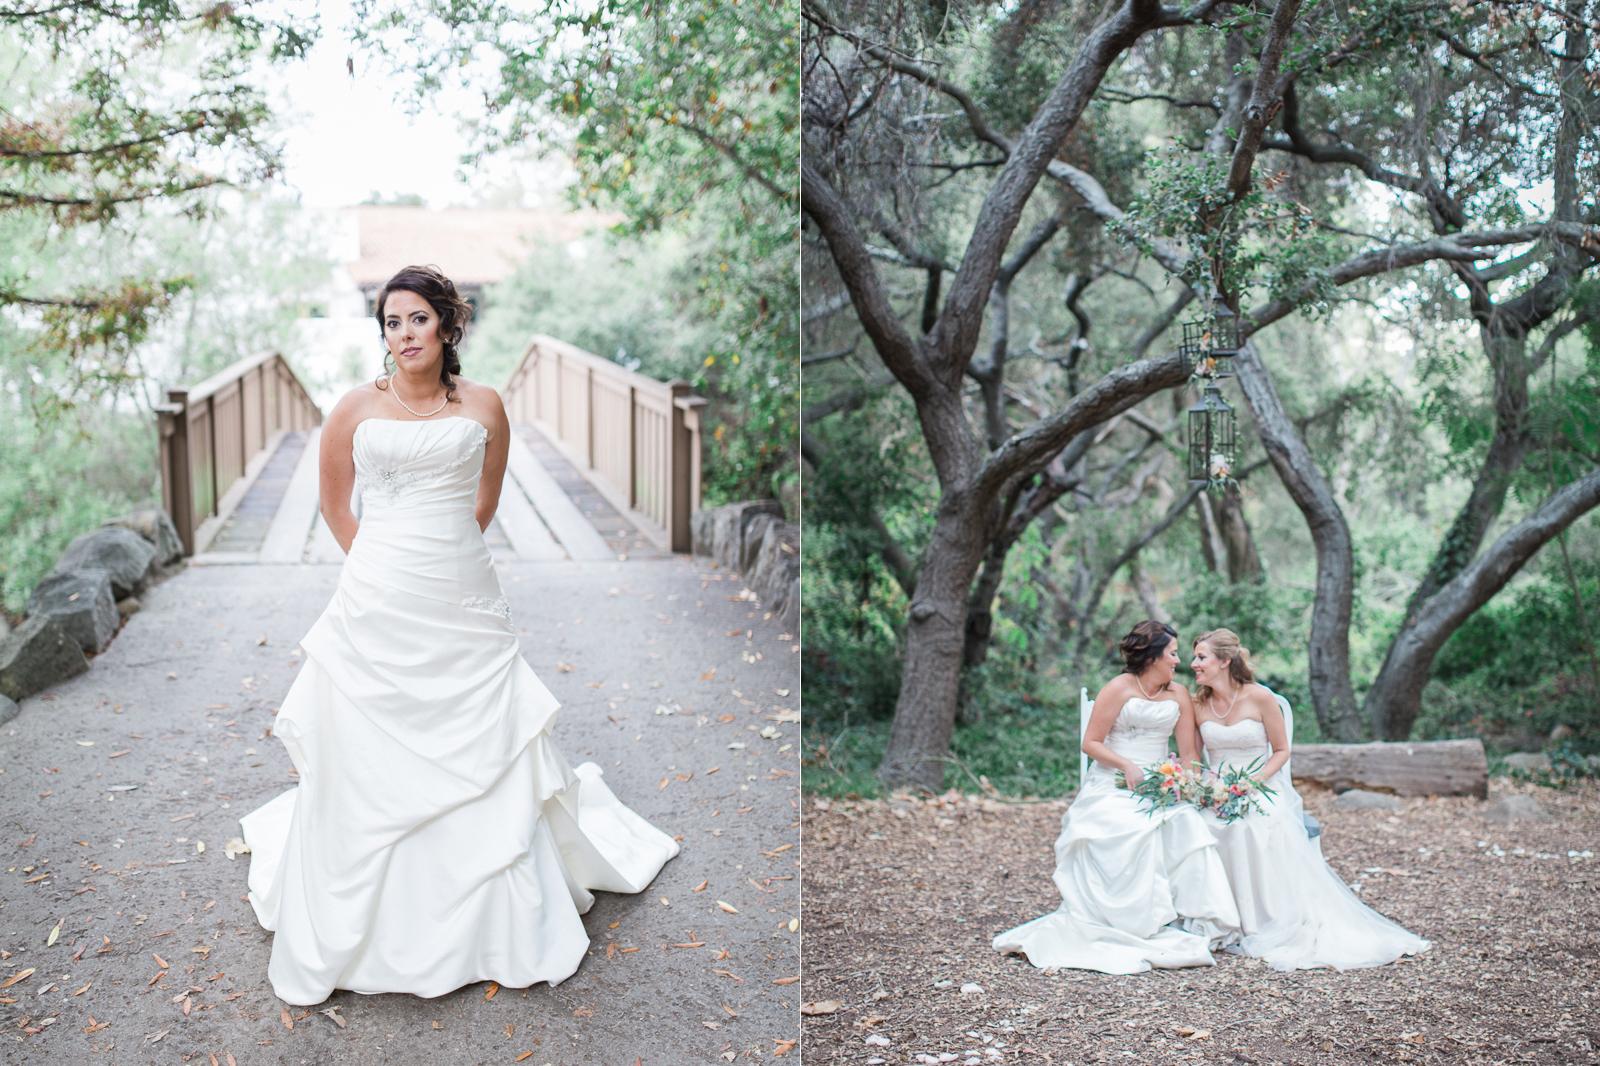 Beautiful bridal portrait of two brides on their wedding day in Santa barbara - gay weddings